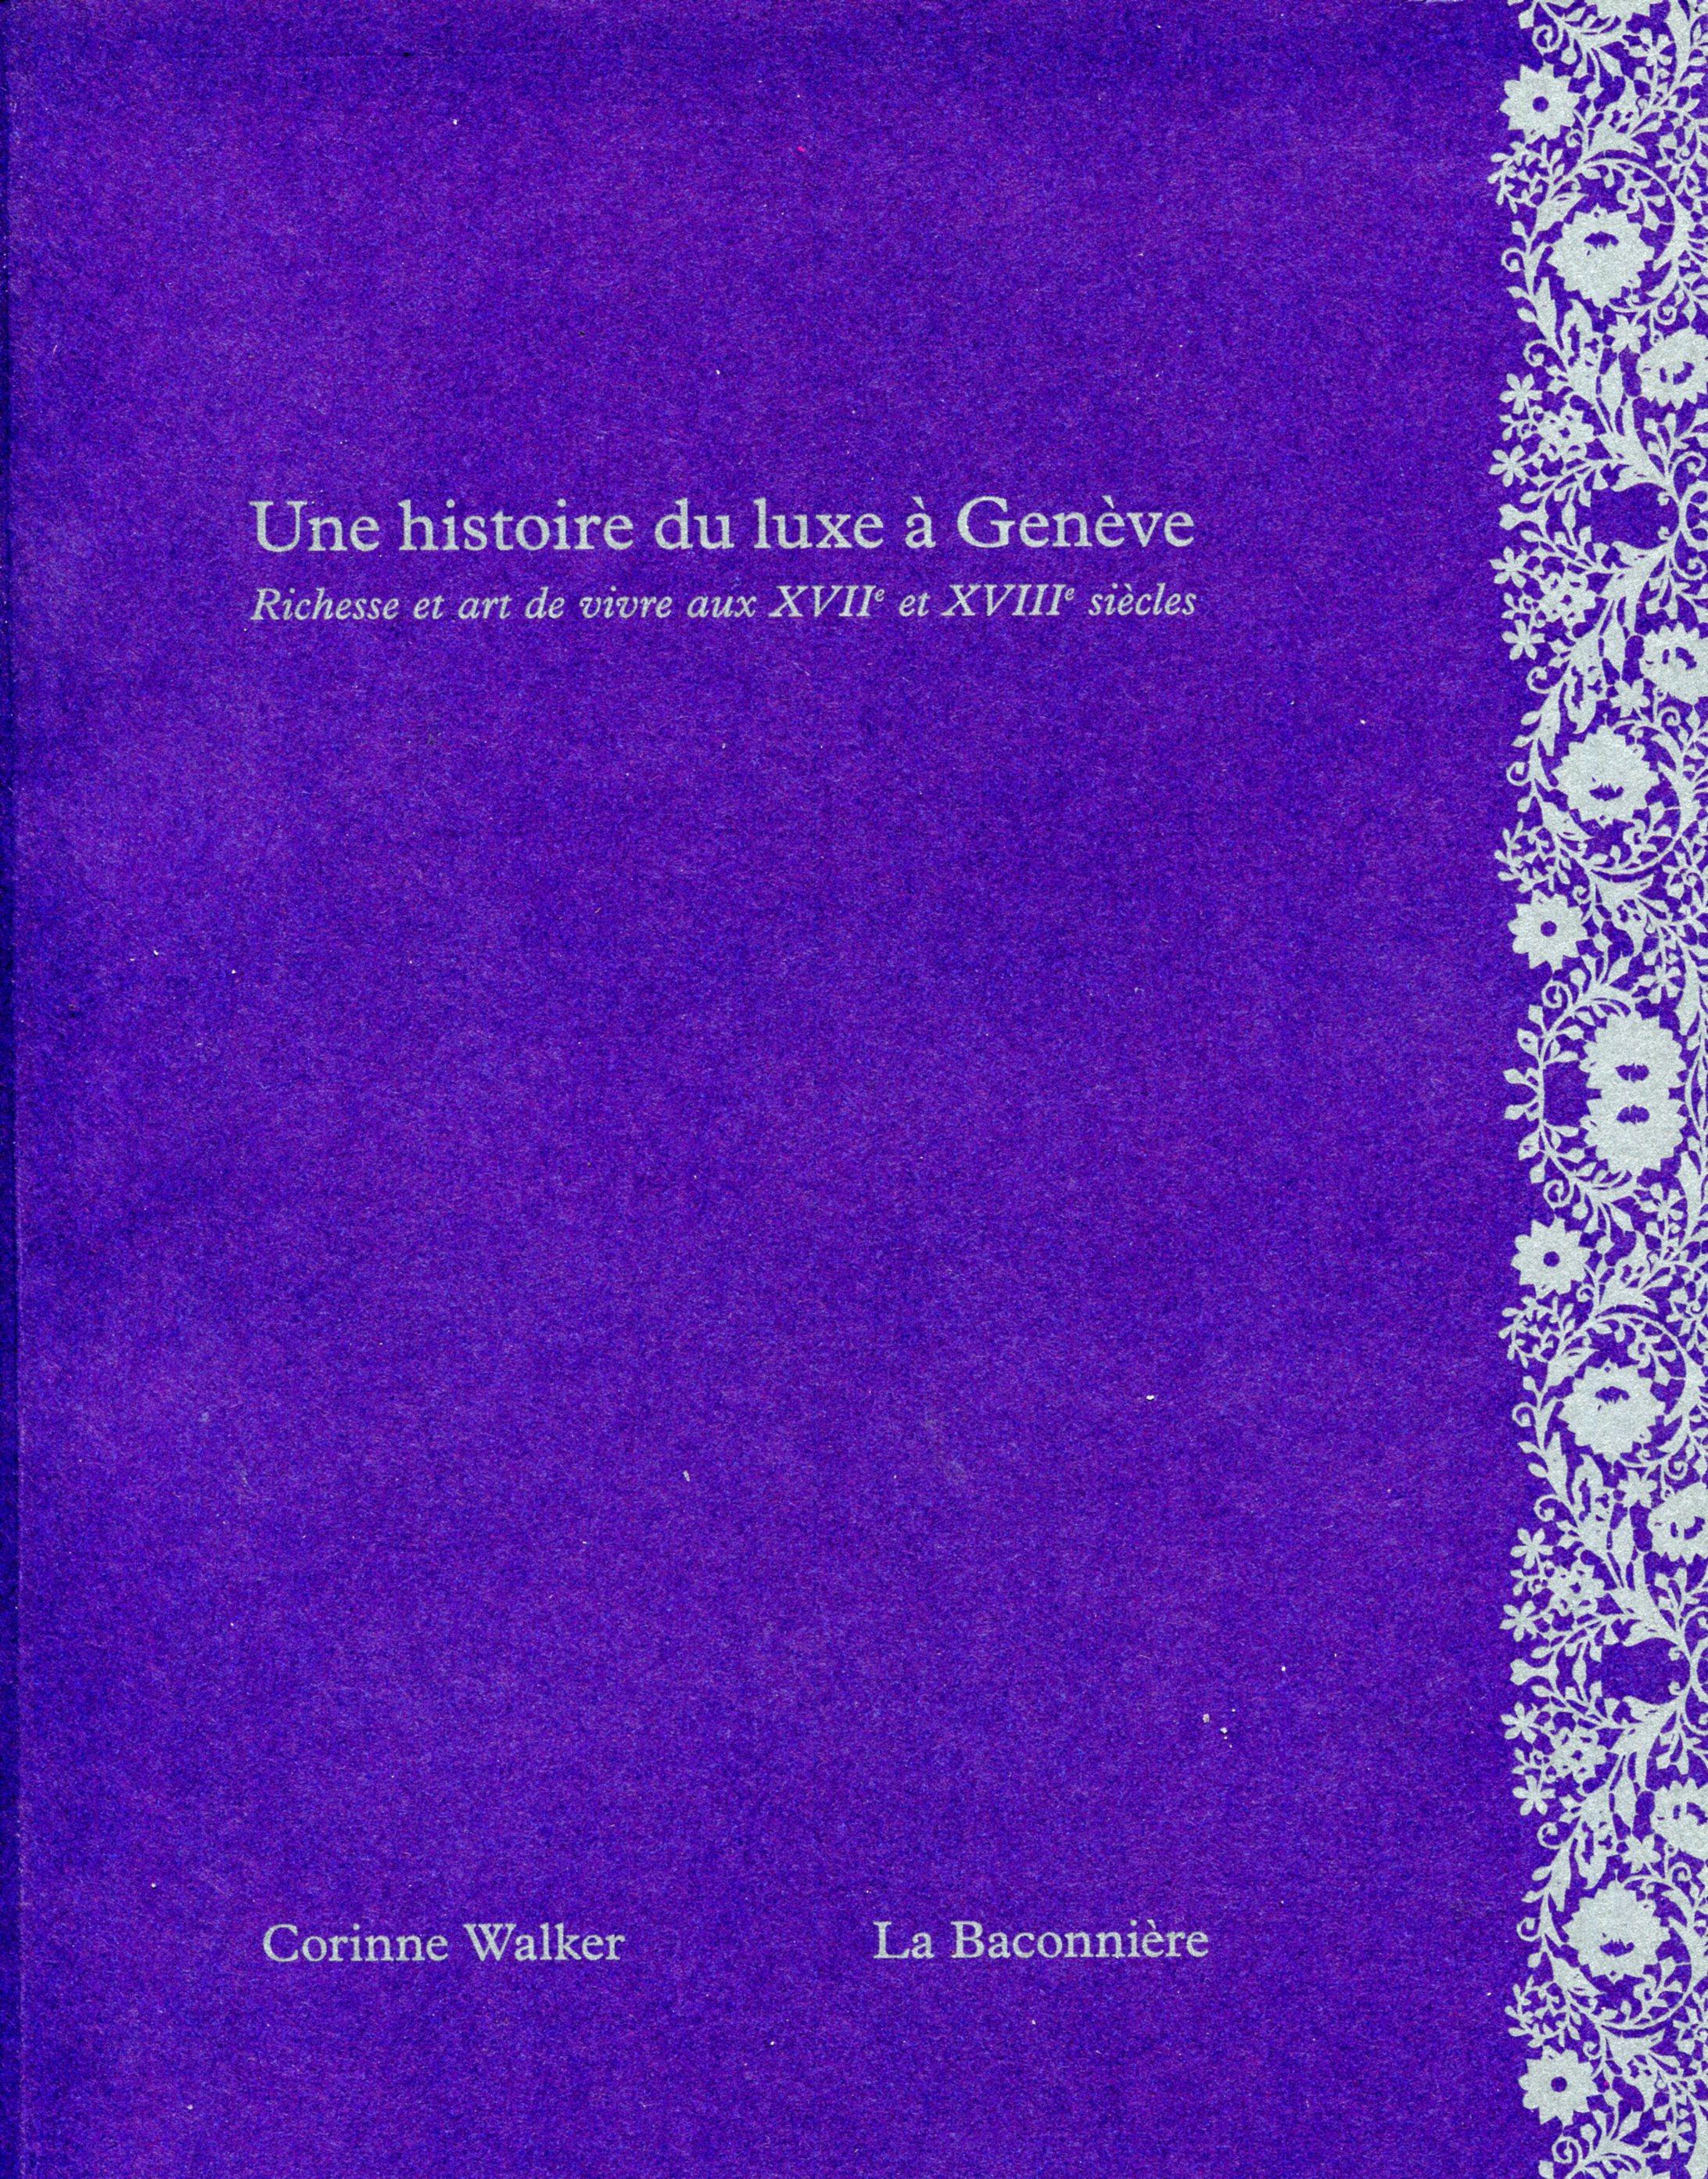 2018 Walker Corinne Histoire du luxe à Genève 01.jpg